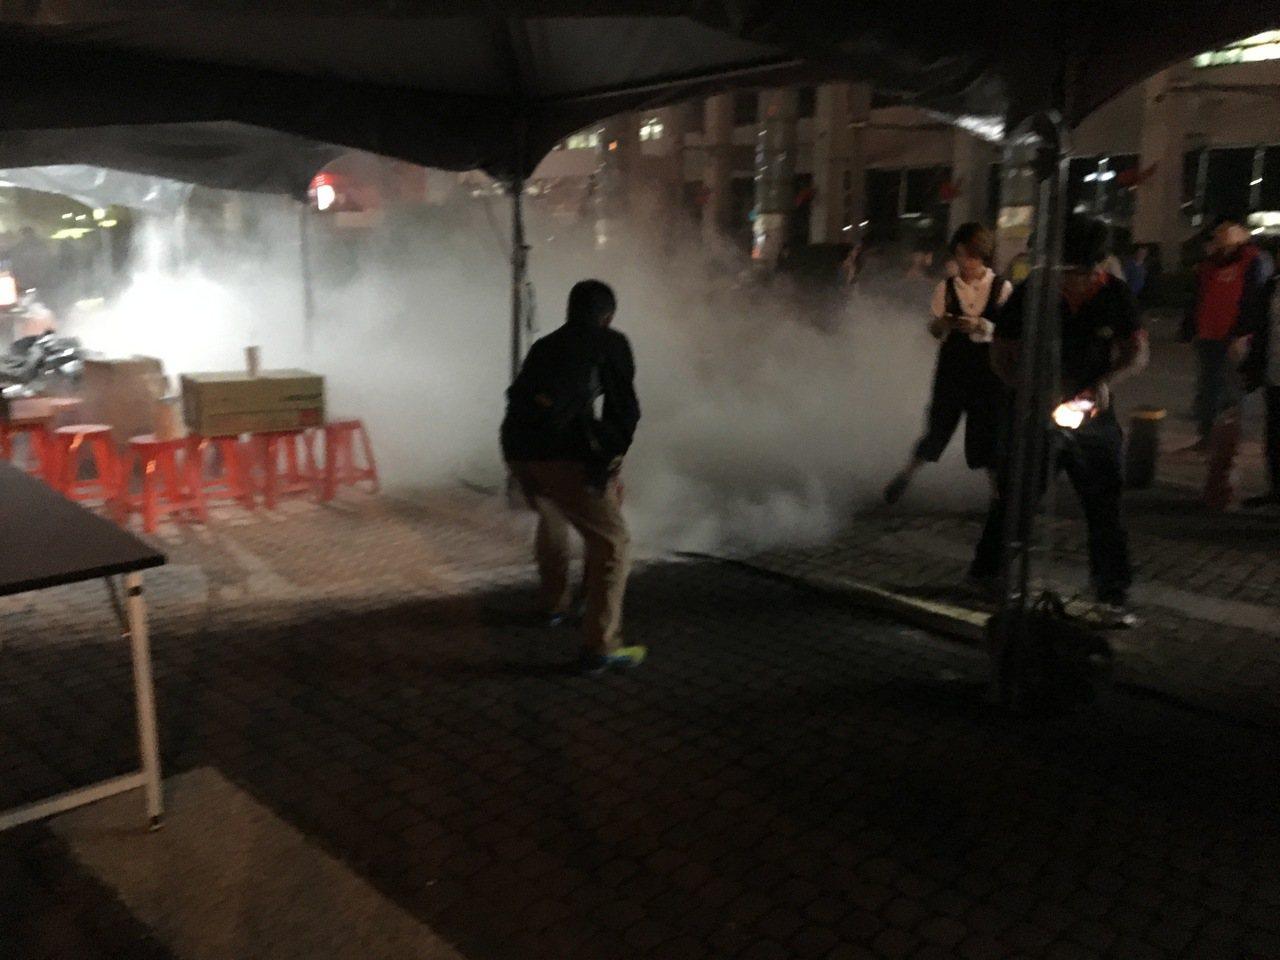 桃園市政府今晚在市府前假設500吋大螢幕舉行直播派對,場邊電線走火幸緊急滅火。記...